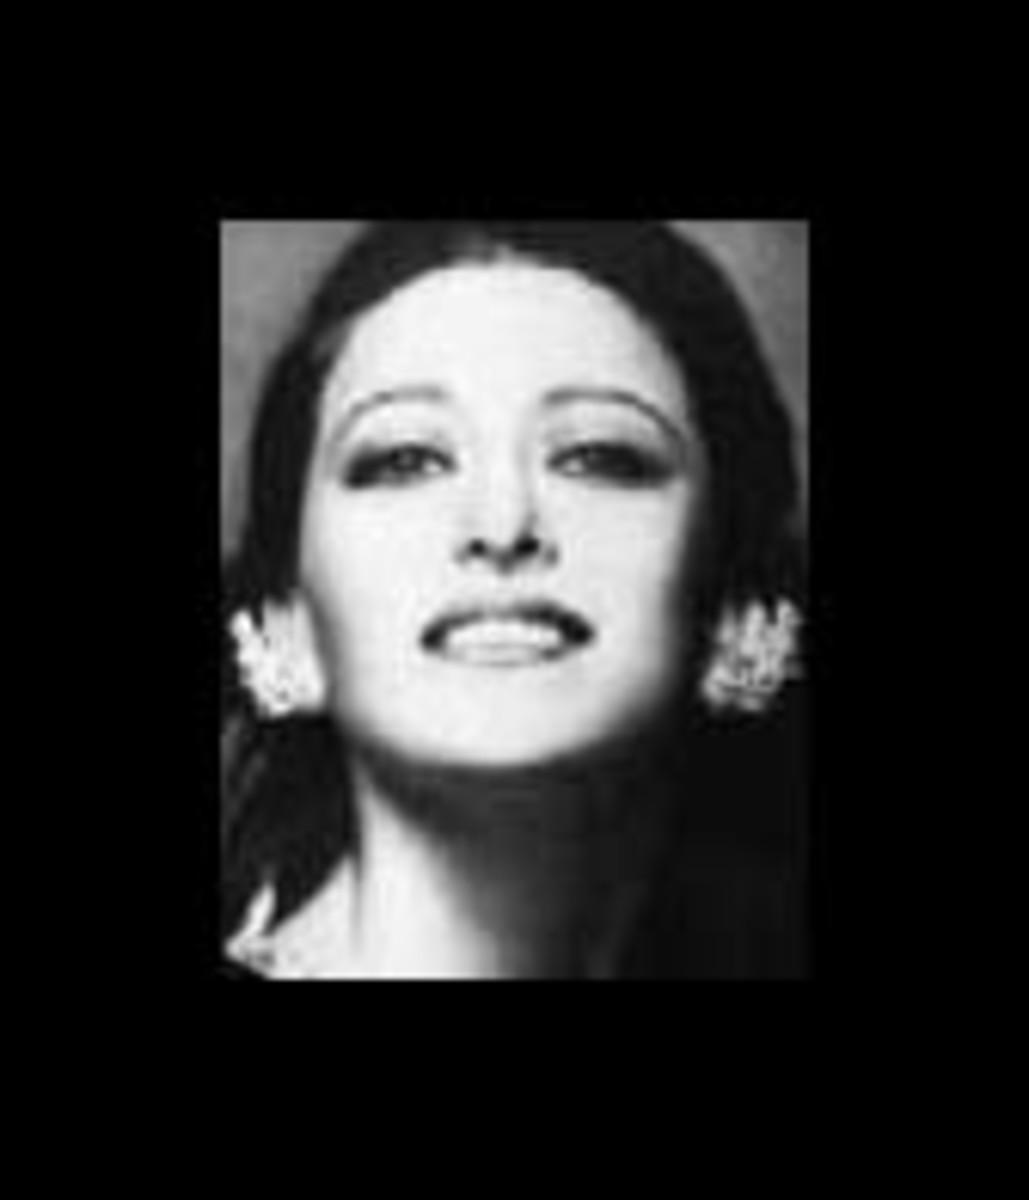 Maya Plisetskaya, prima ballerina assoluta  of the Bolshoi Theatre without equal.